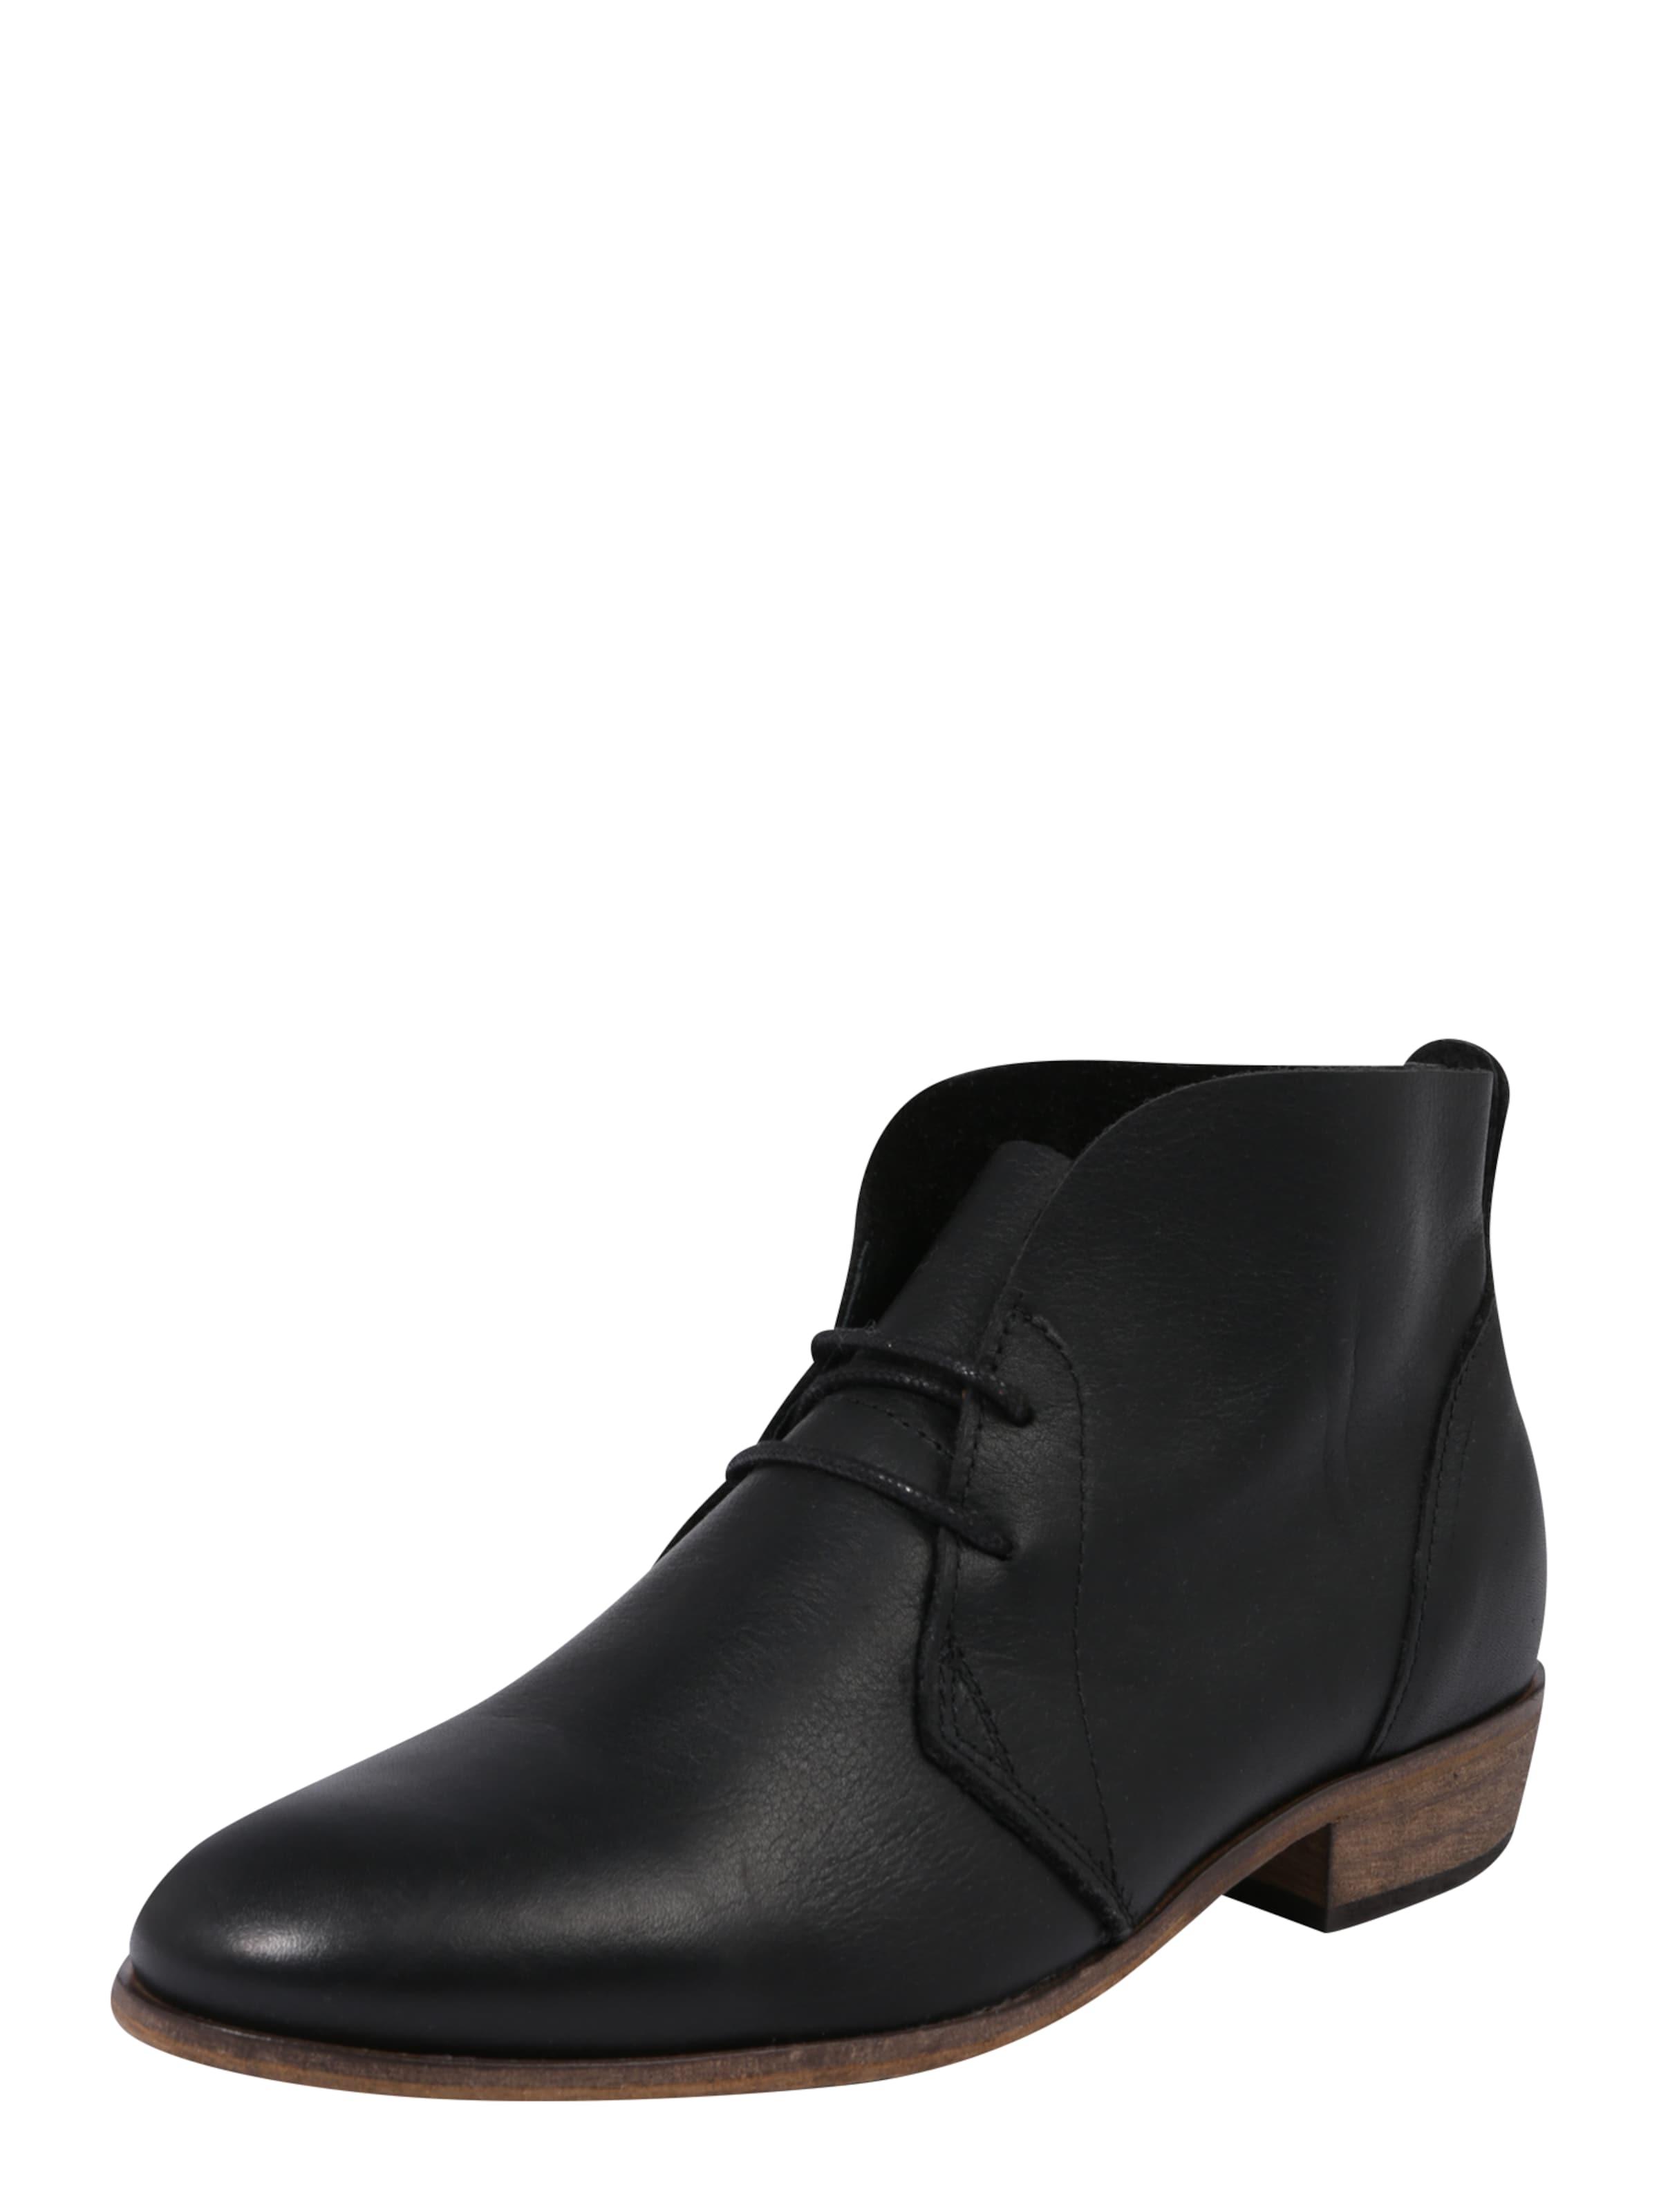 HUB Stiefelette Chuckie Verschleißfeste billige Schuhe